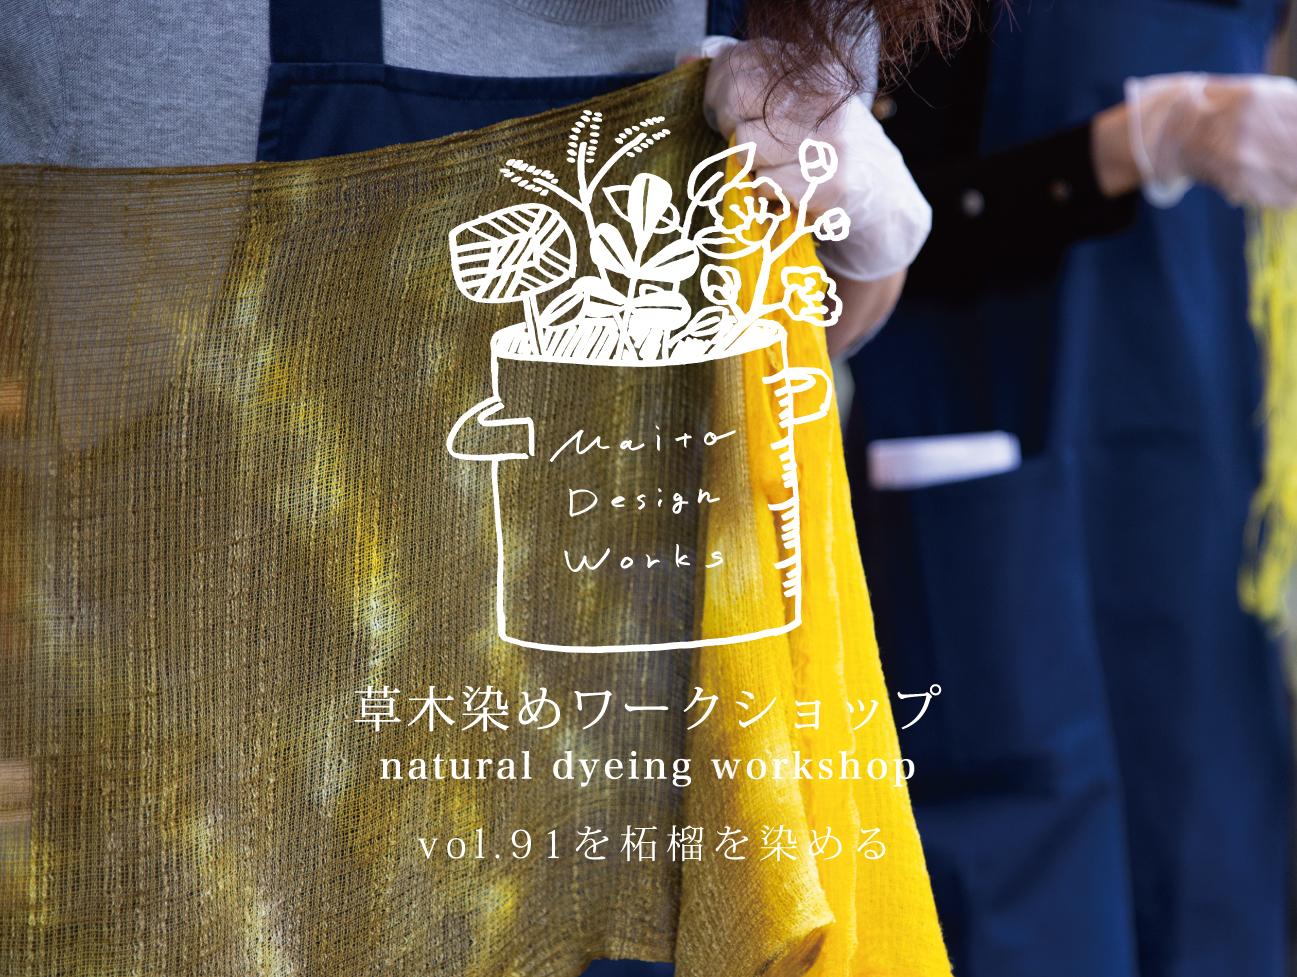 10/9・10・11草木染めワークショップ ~柘榴を染める~